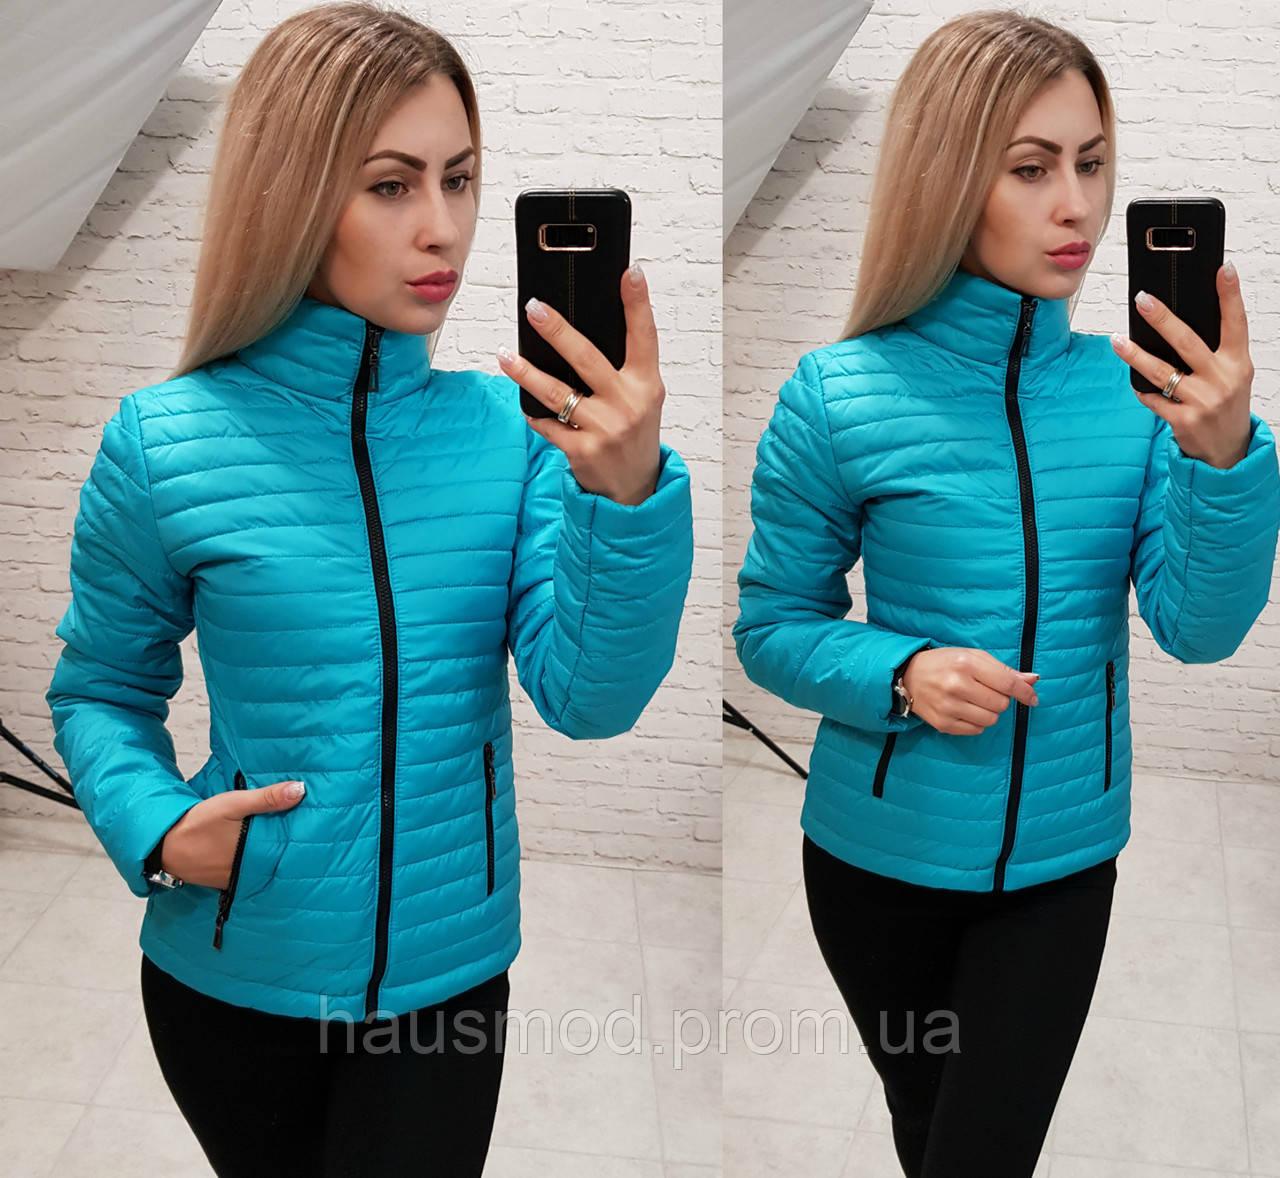 31a230da4941 Весна осень женская куртка белая 42 44 46 48 50  продажа, цена в ...